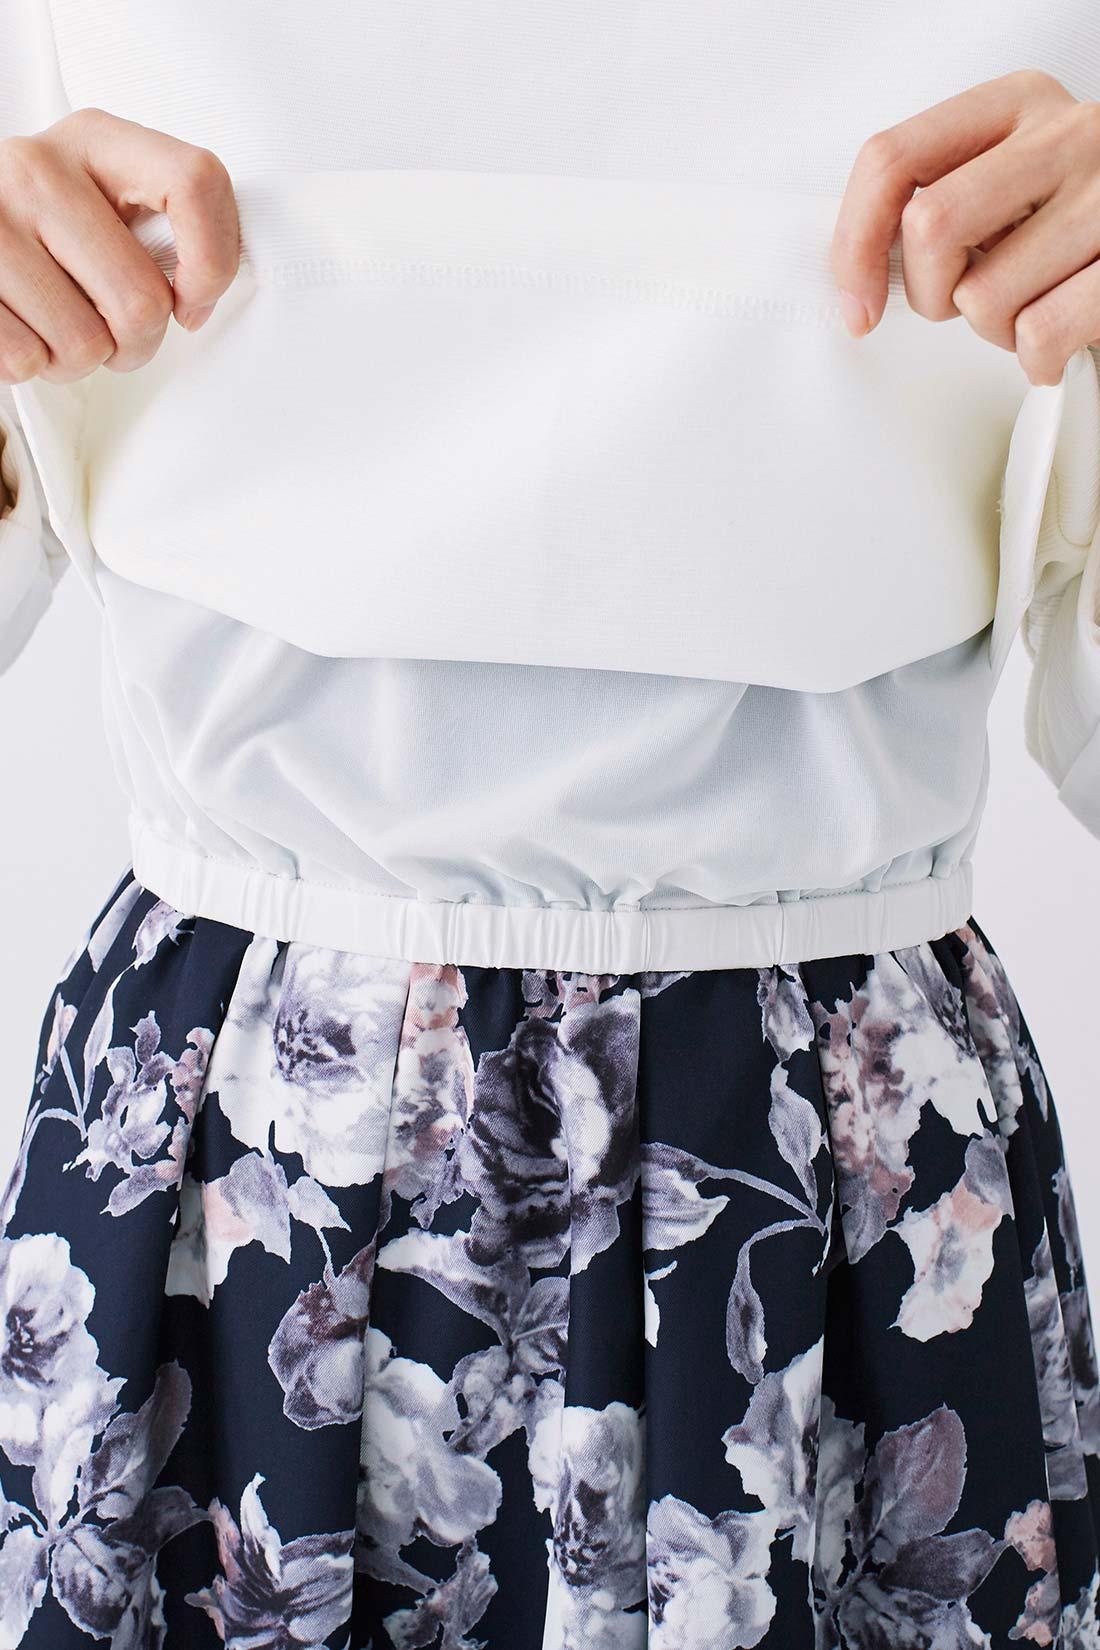 トップス身ごろの裏地とスカートがドッキング。すそがスカートに自然に重なるので、上下コーデに見えて手抜き感もなし!